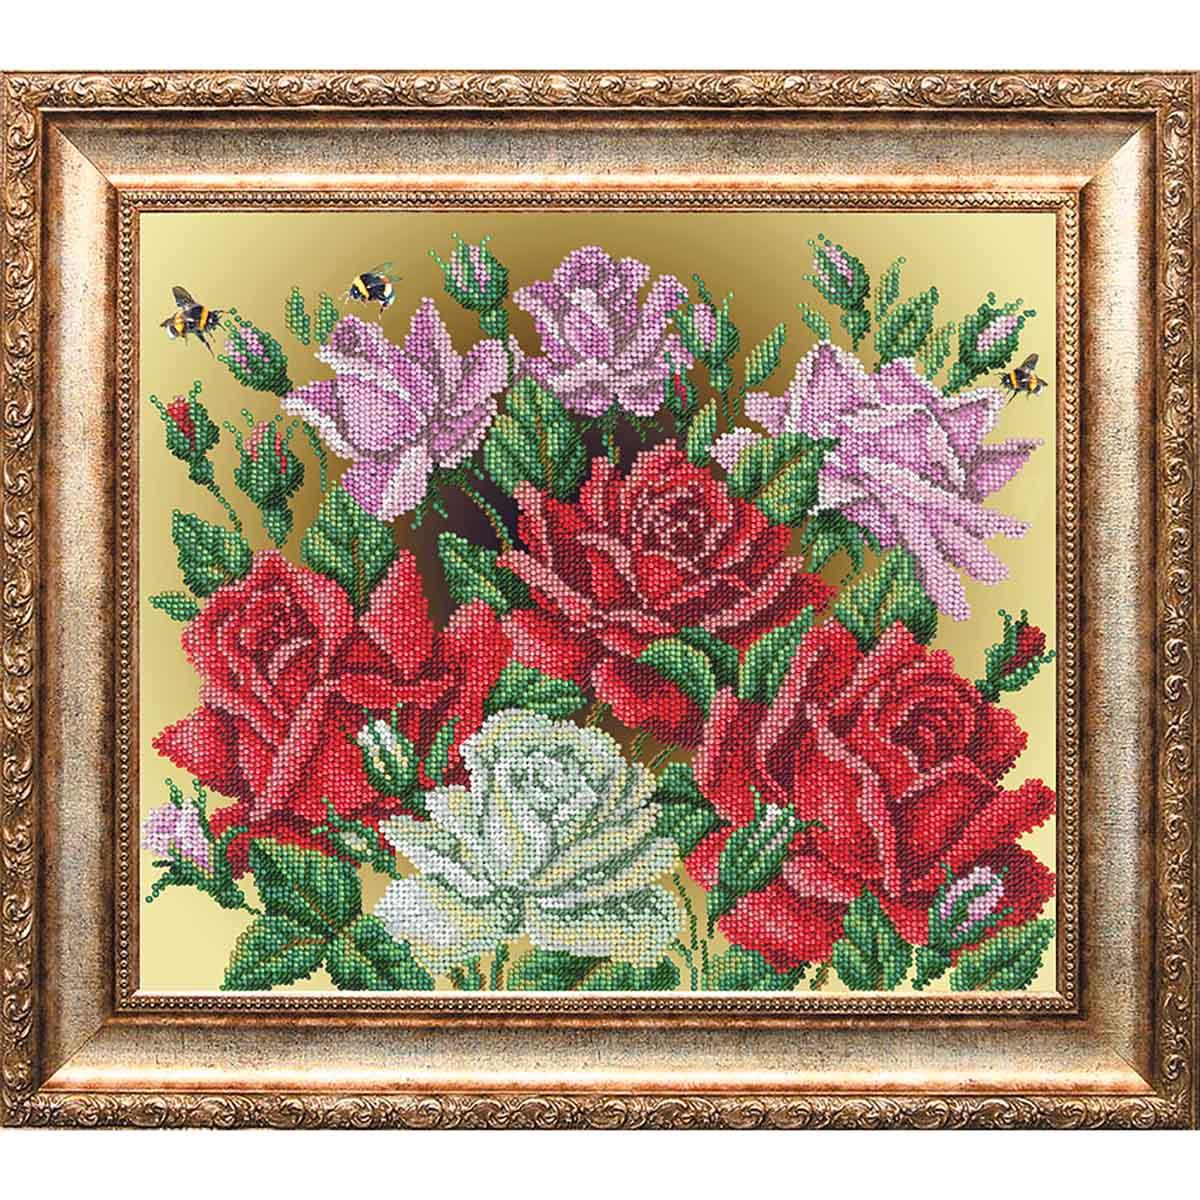 1003 Набор для вышивания бисером 26*31см (Аромат роз, арт.КН-1000)